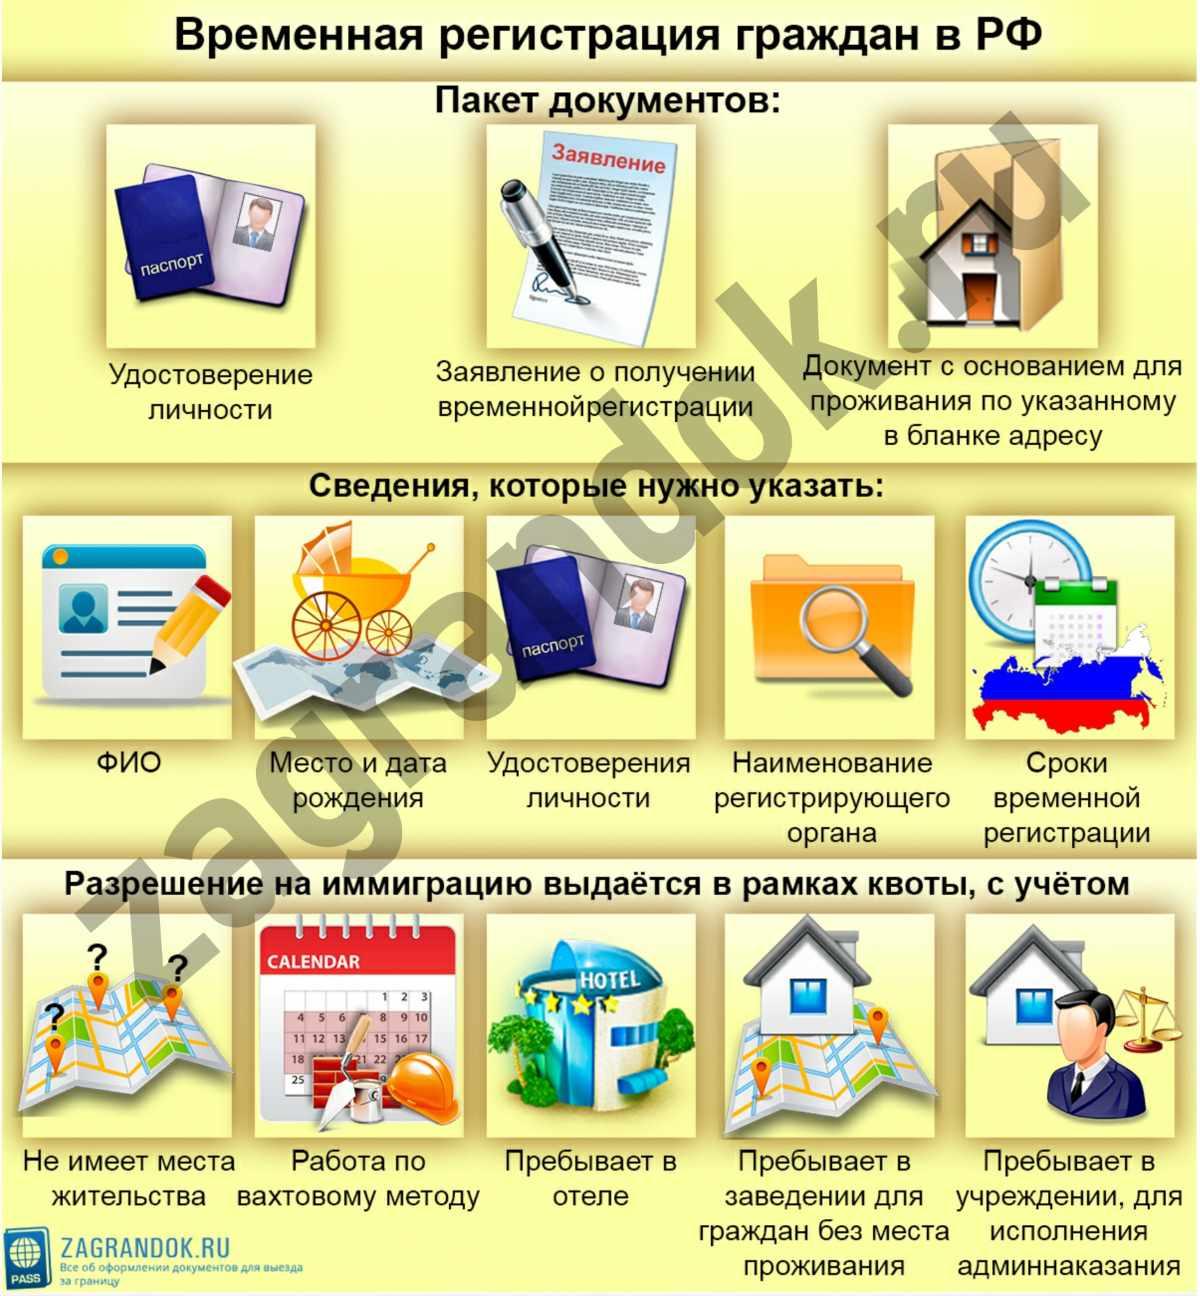 Временная регистрация граждан в Российской Федерации